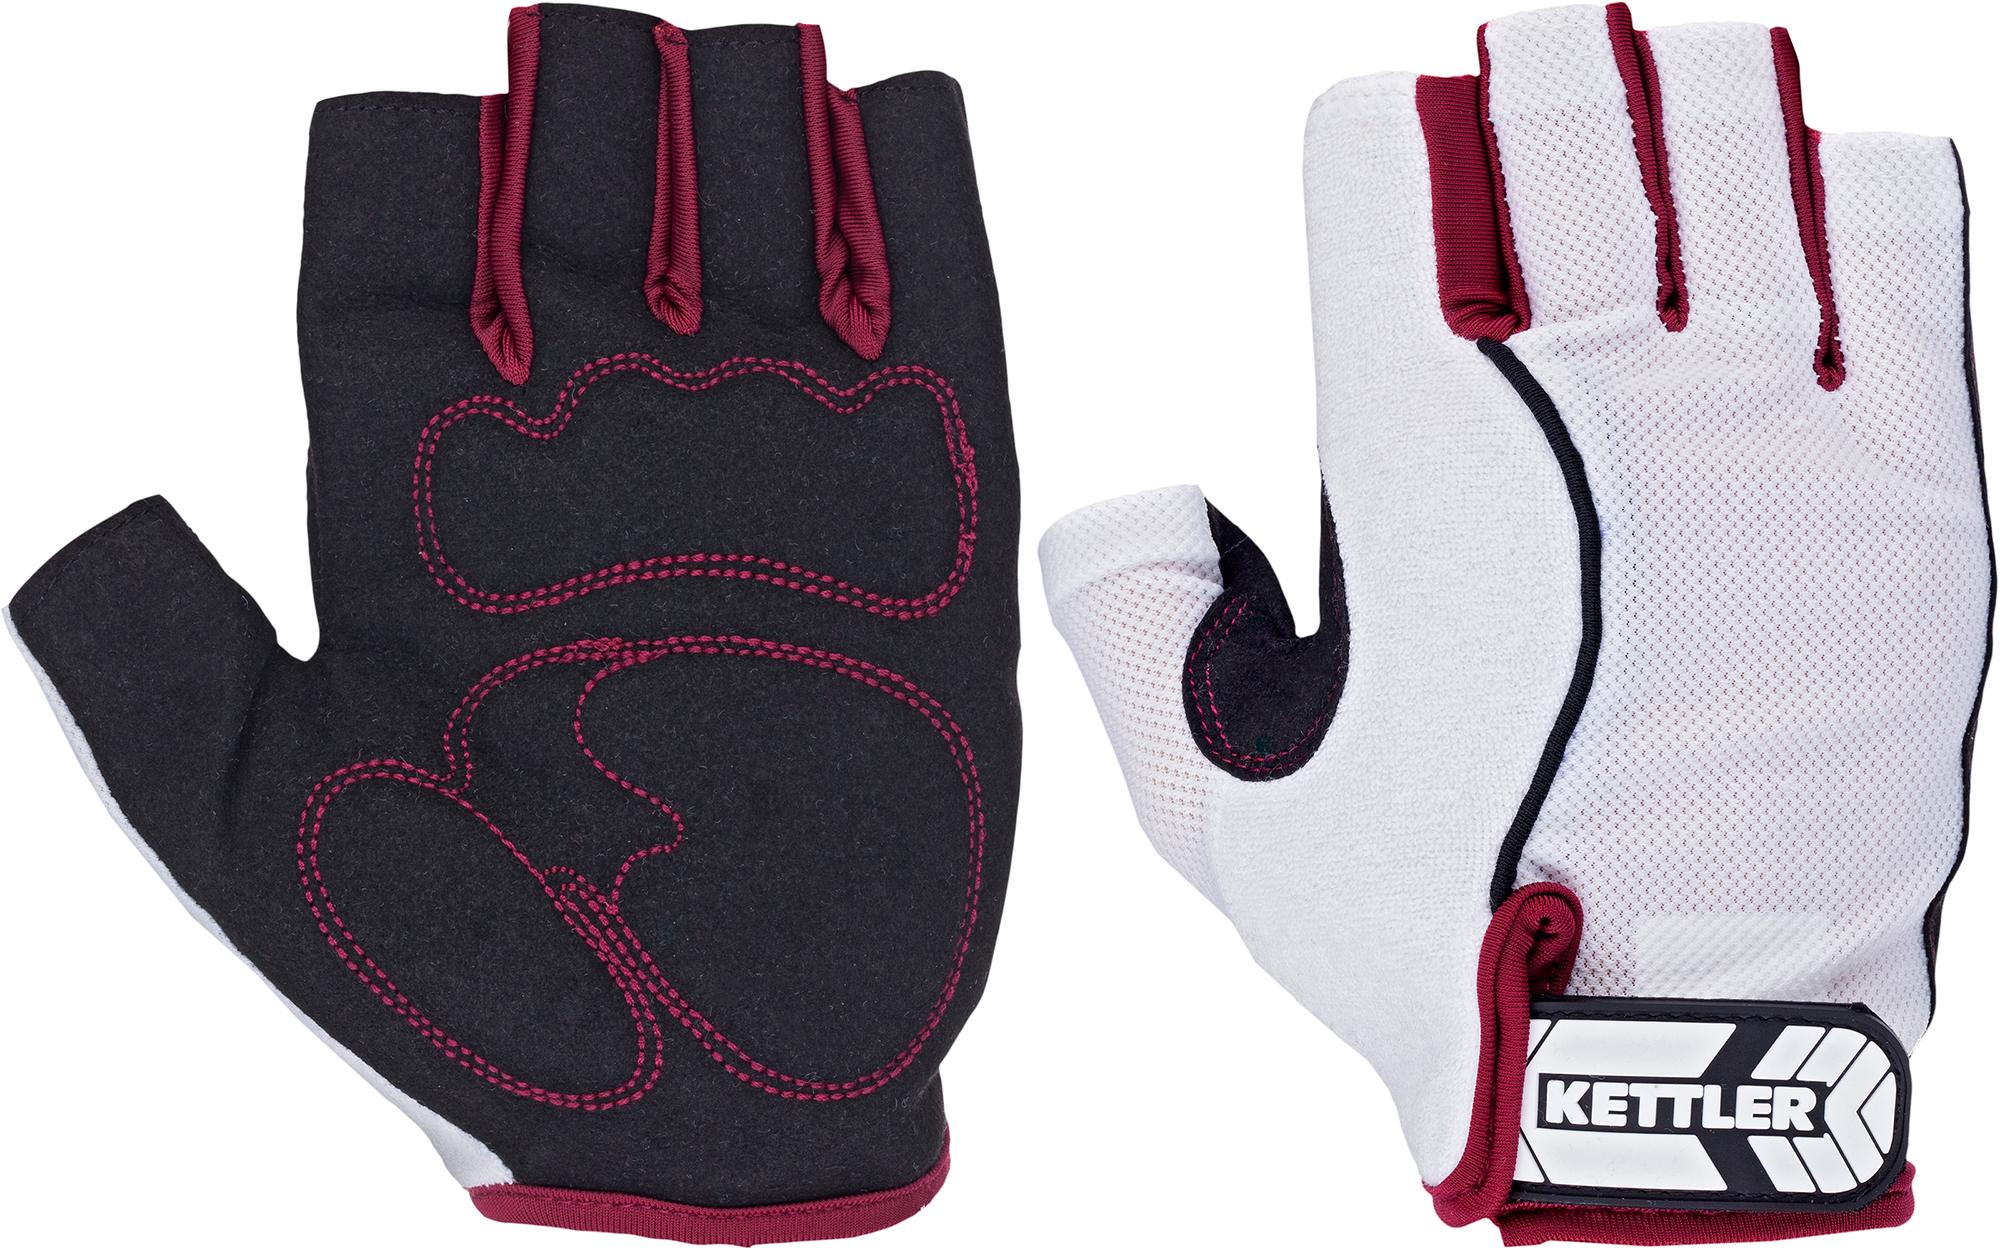 Kettler Перчатки для фитнеса женские Kettler Basic, размер L